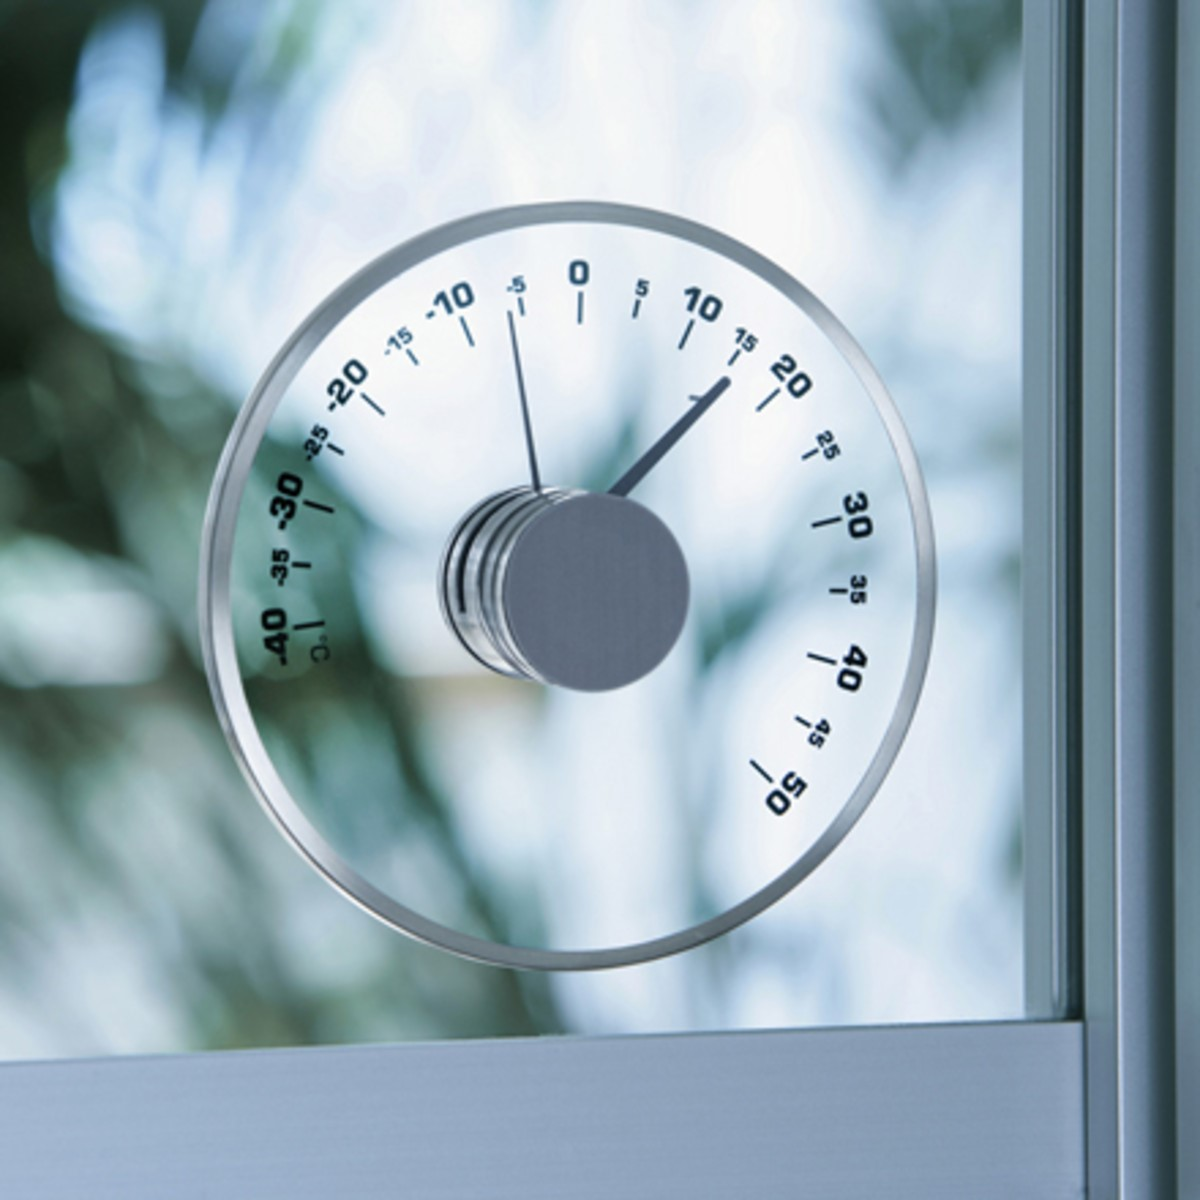 Рис. 9. Уличный термометр на пластиковом окне